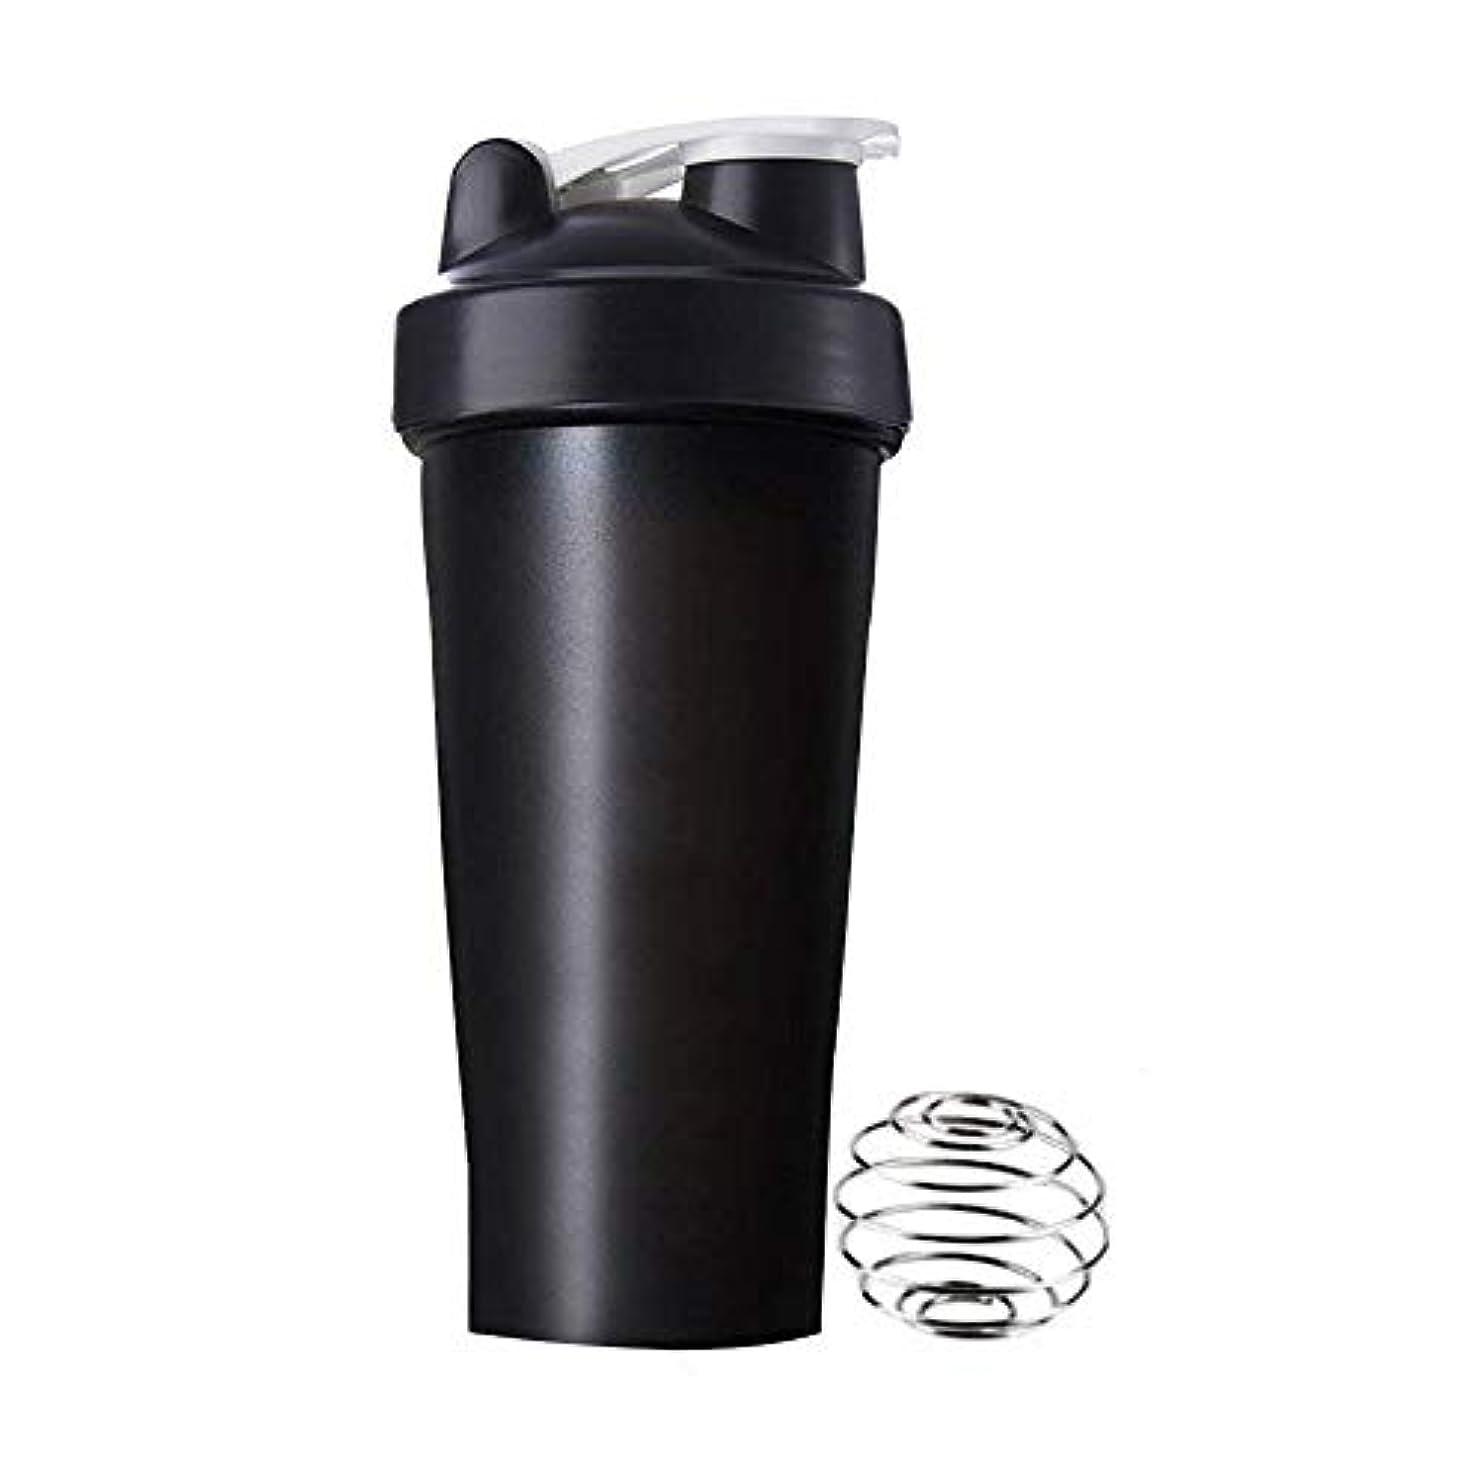 代数的圧縮されたアクセントgundoop プロテインシェイカー 直飲み プラスチックウォーターボトル ジム シェーカーボトル 600ml